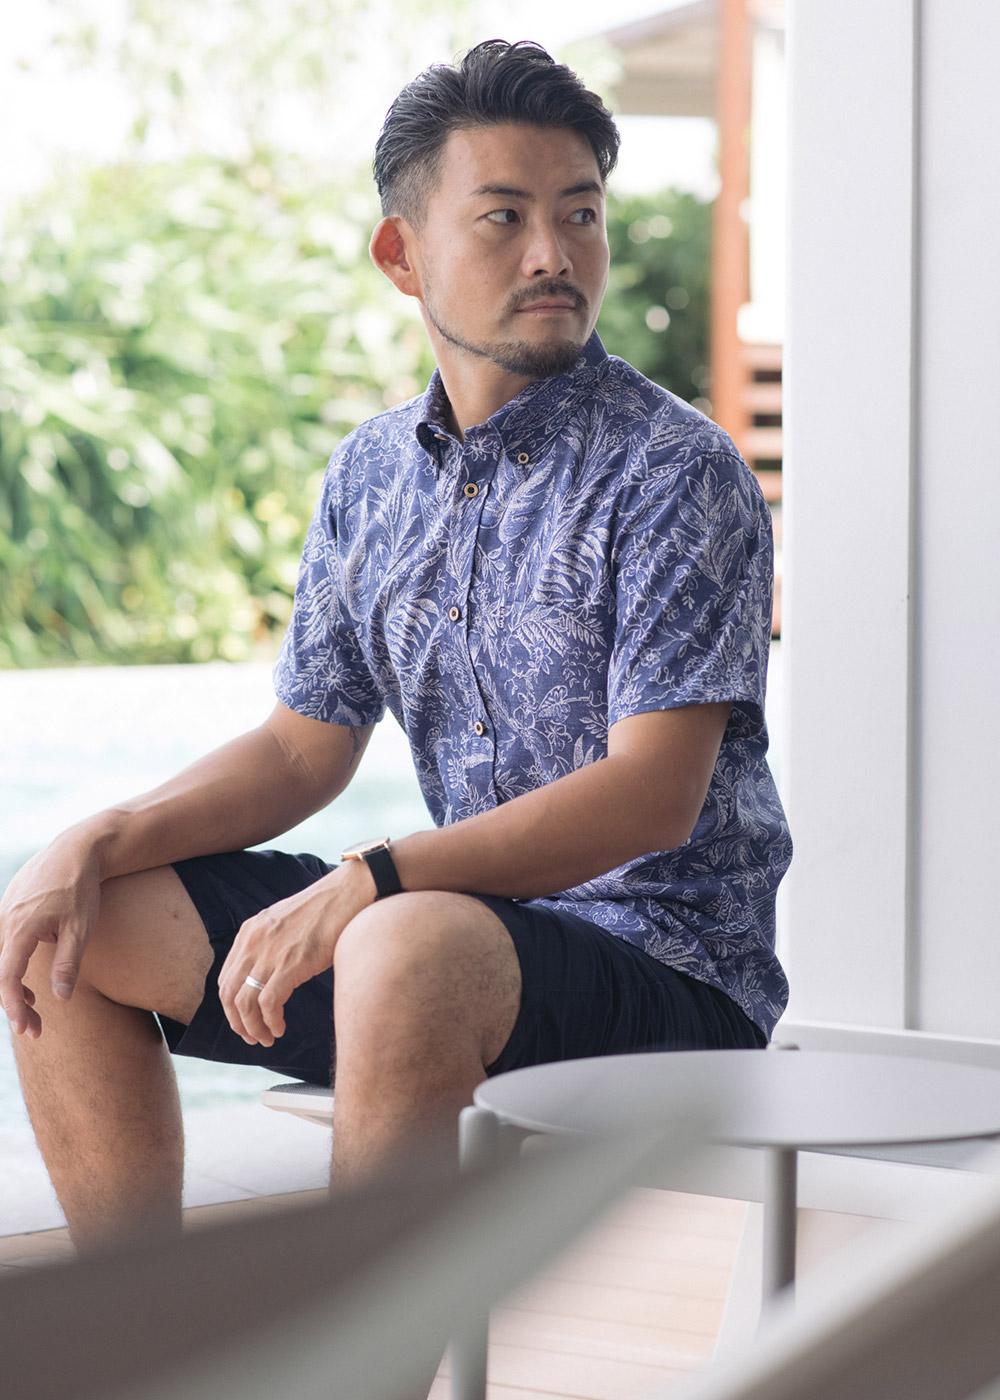 かりゆしウェア(沖縄版アロハシャツ) MAJUN - ドリームプラネット